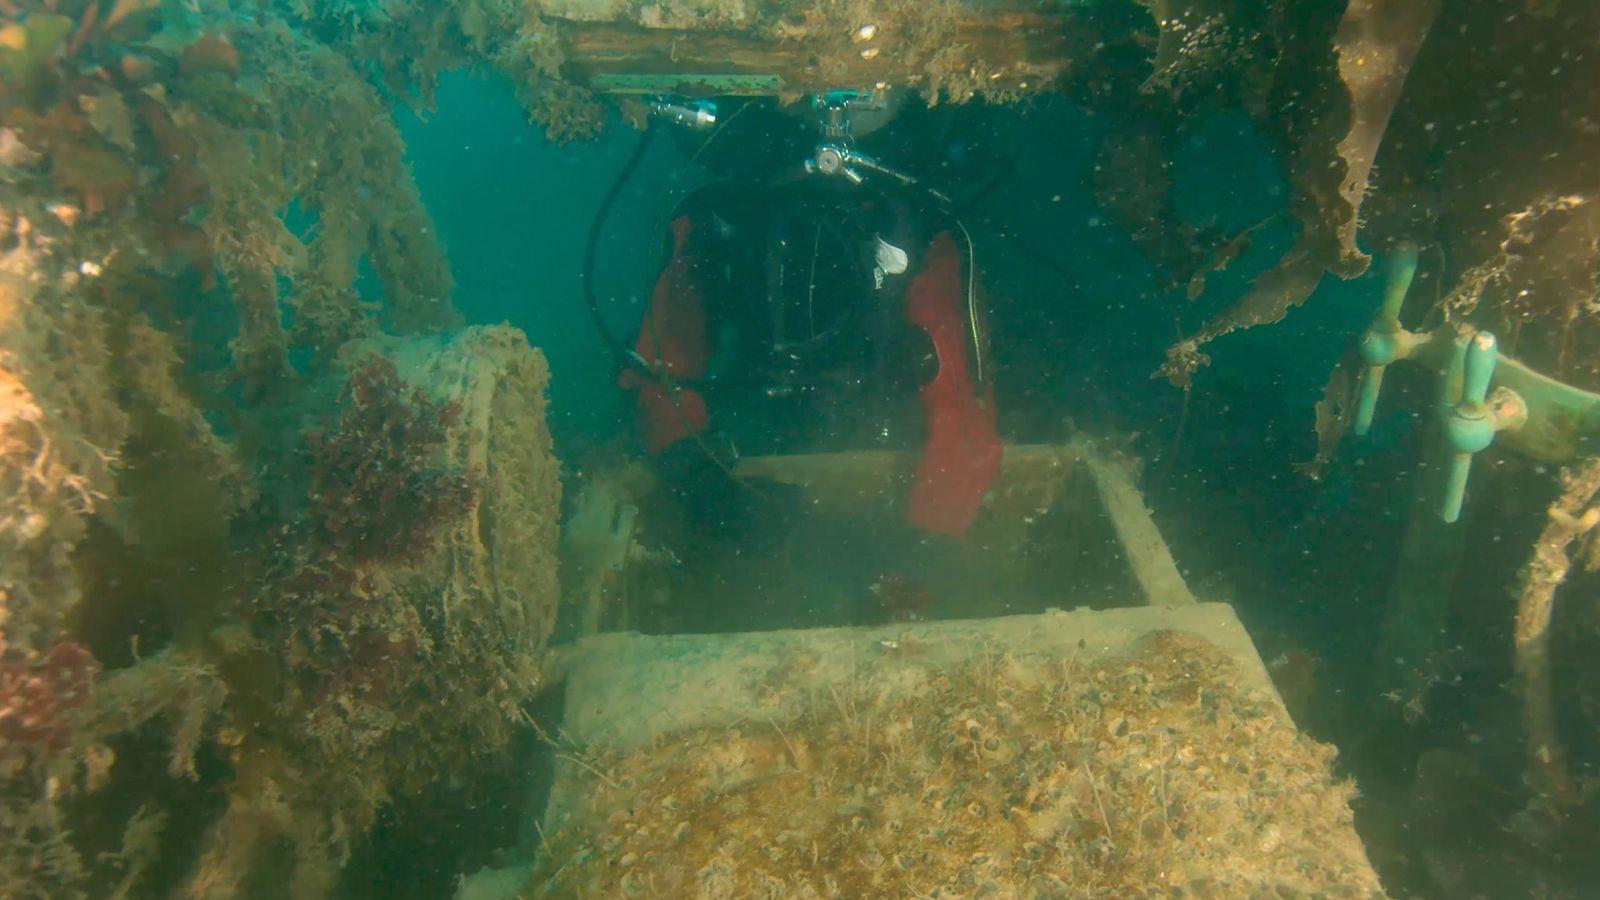 Pour examiner les ponts inférieurs du HMS Terror, un archéologue de Parcs Canada insère un drone ...